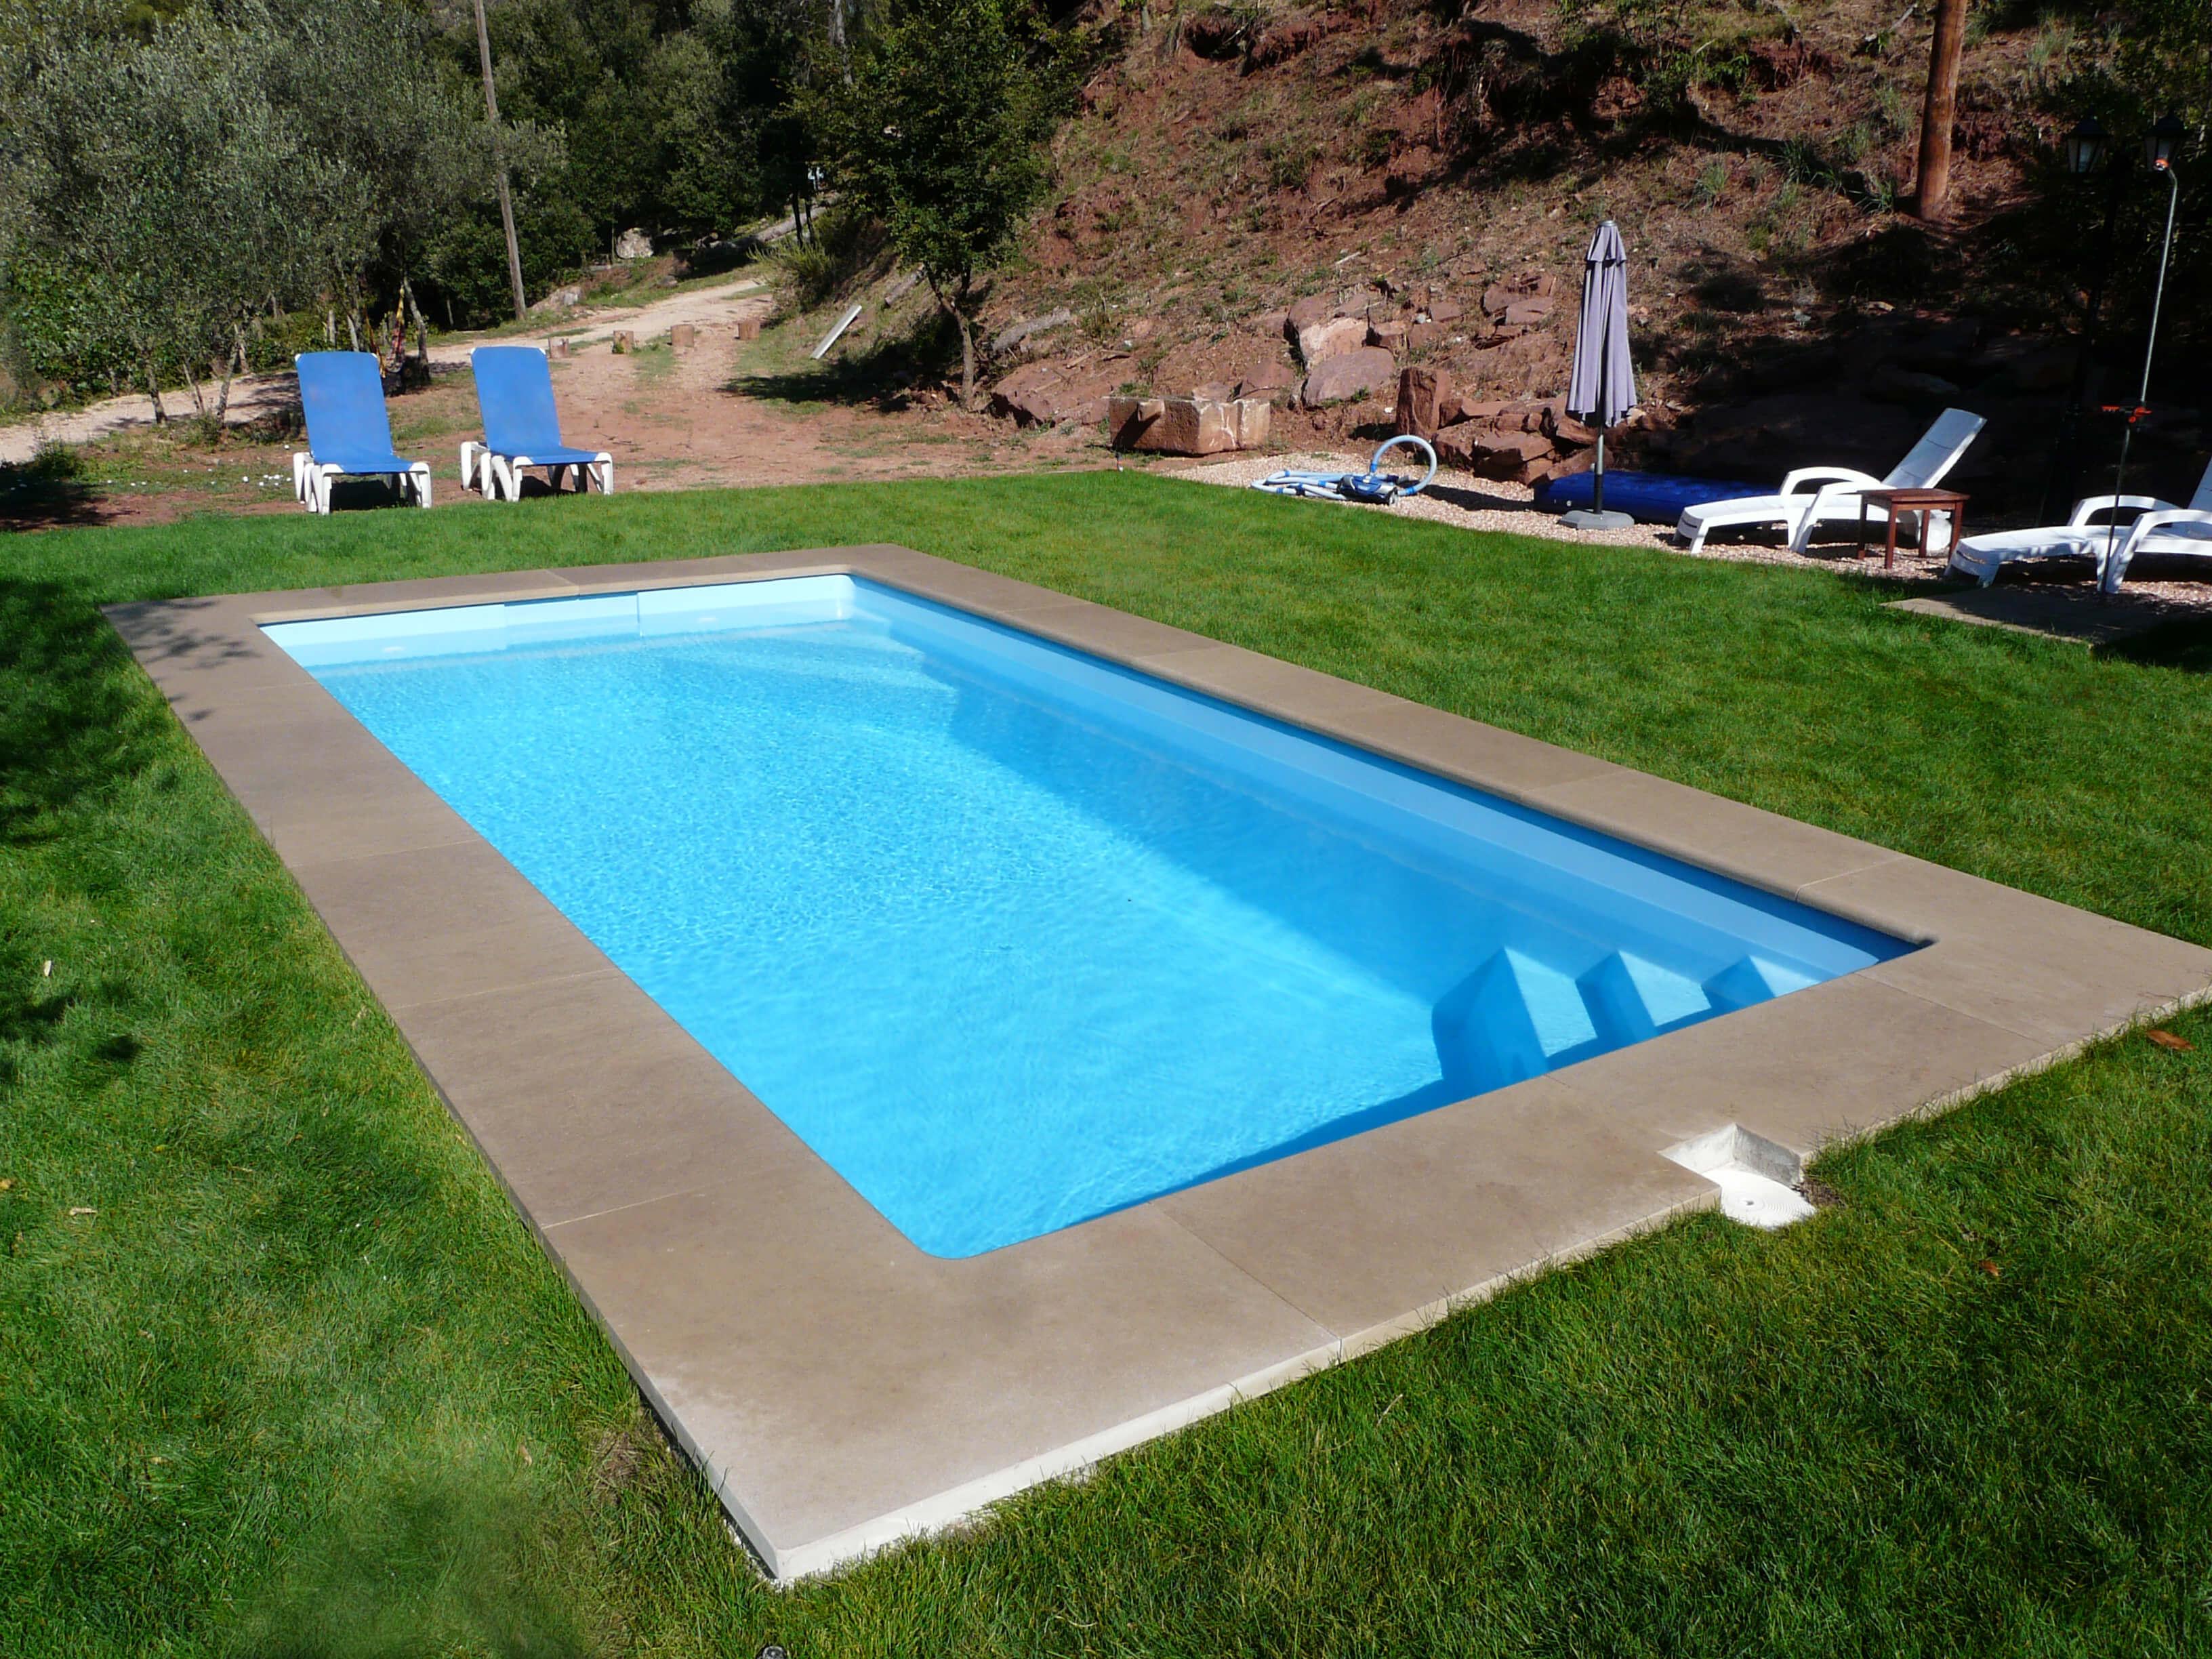 Piscina poliester precio ofertas fabulous piscina de for Piscinas ofertas precios